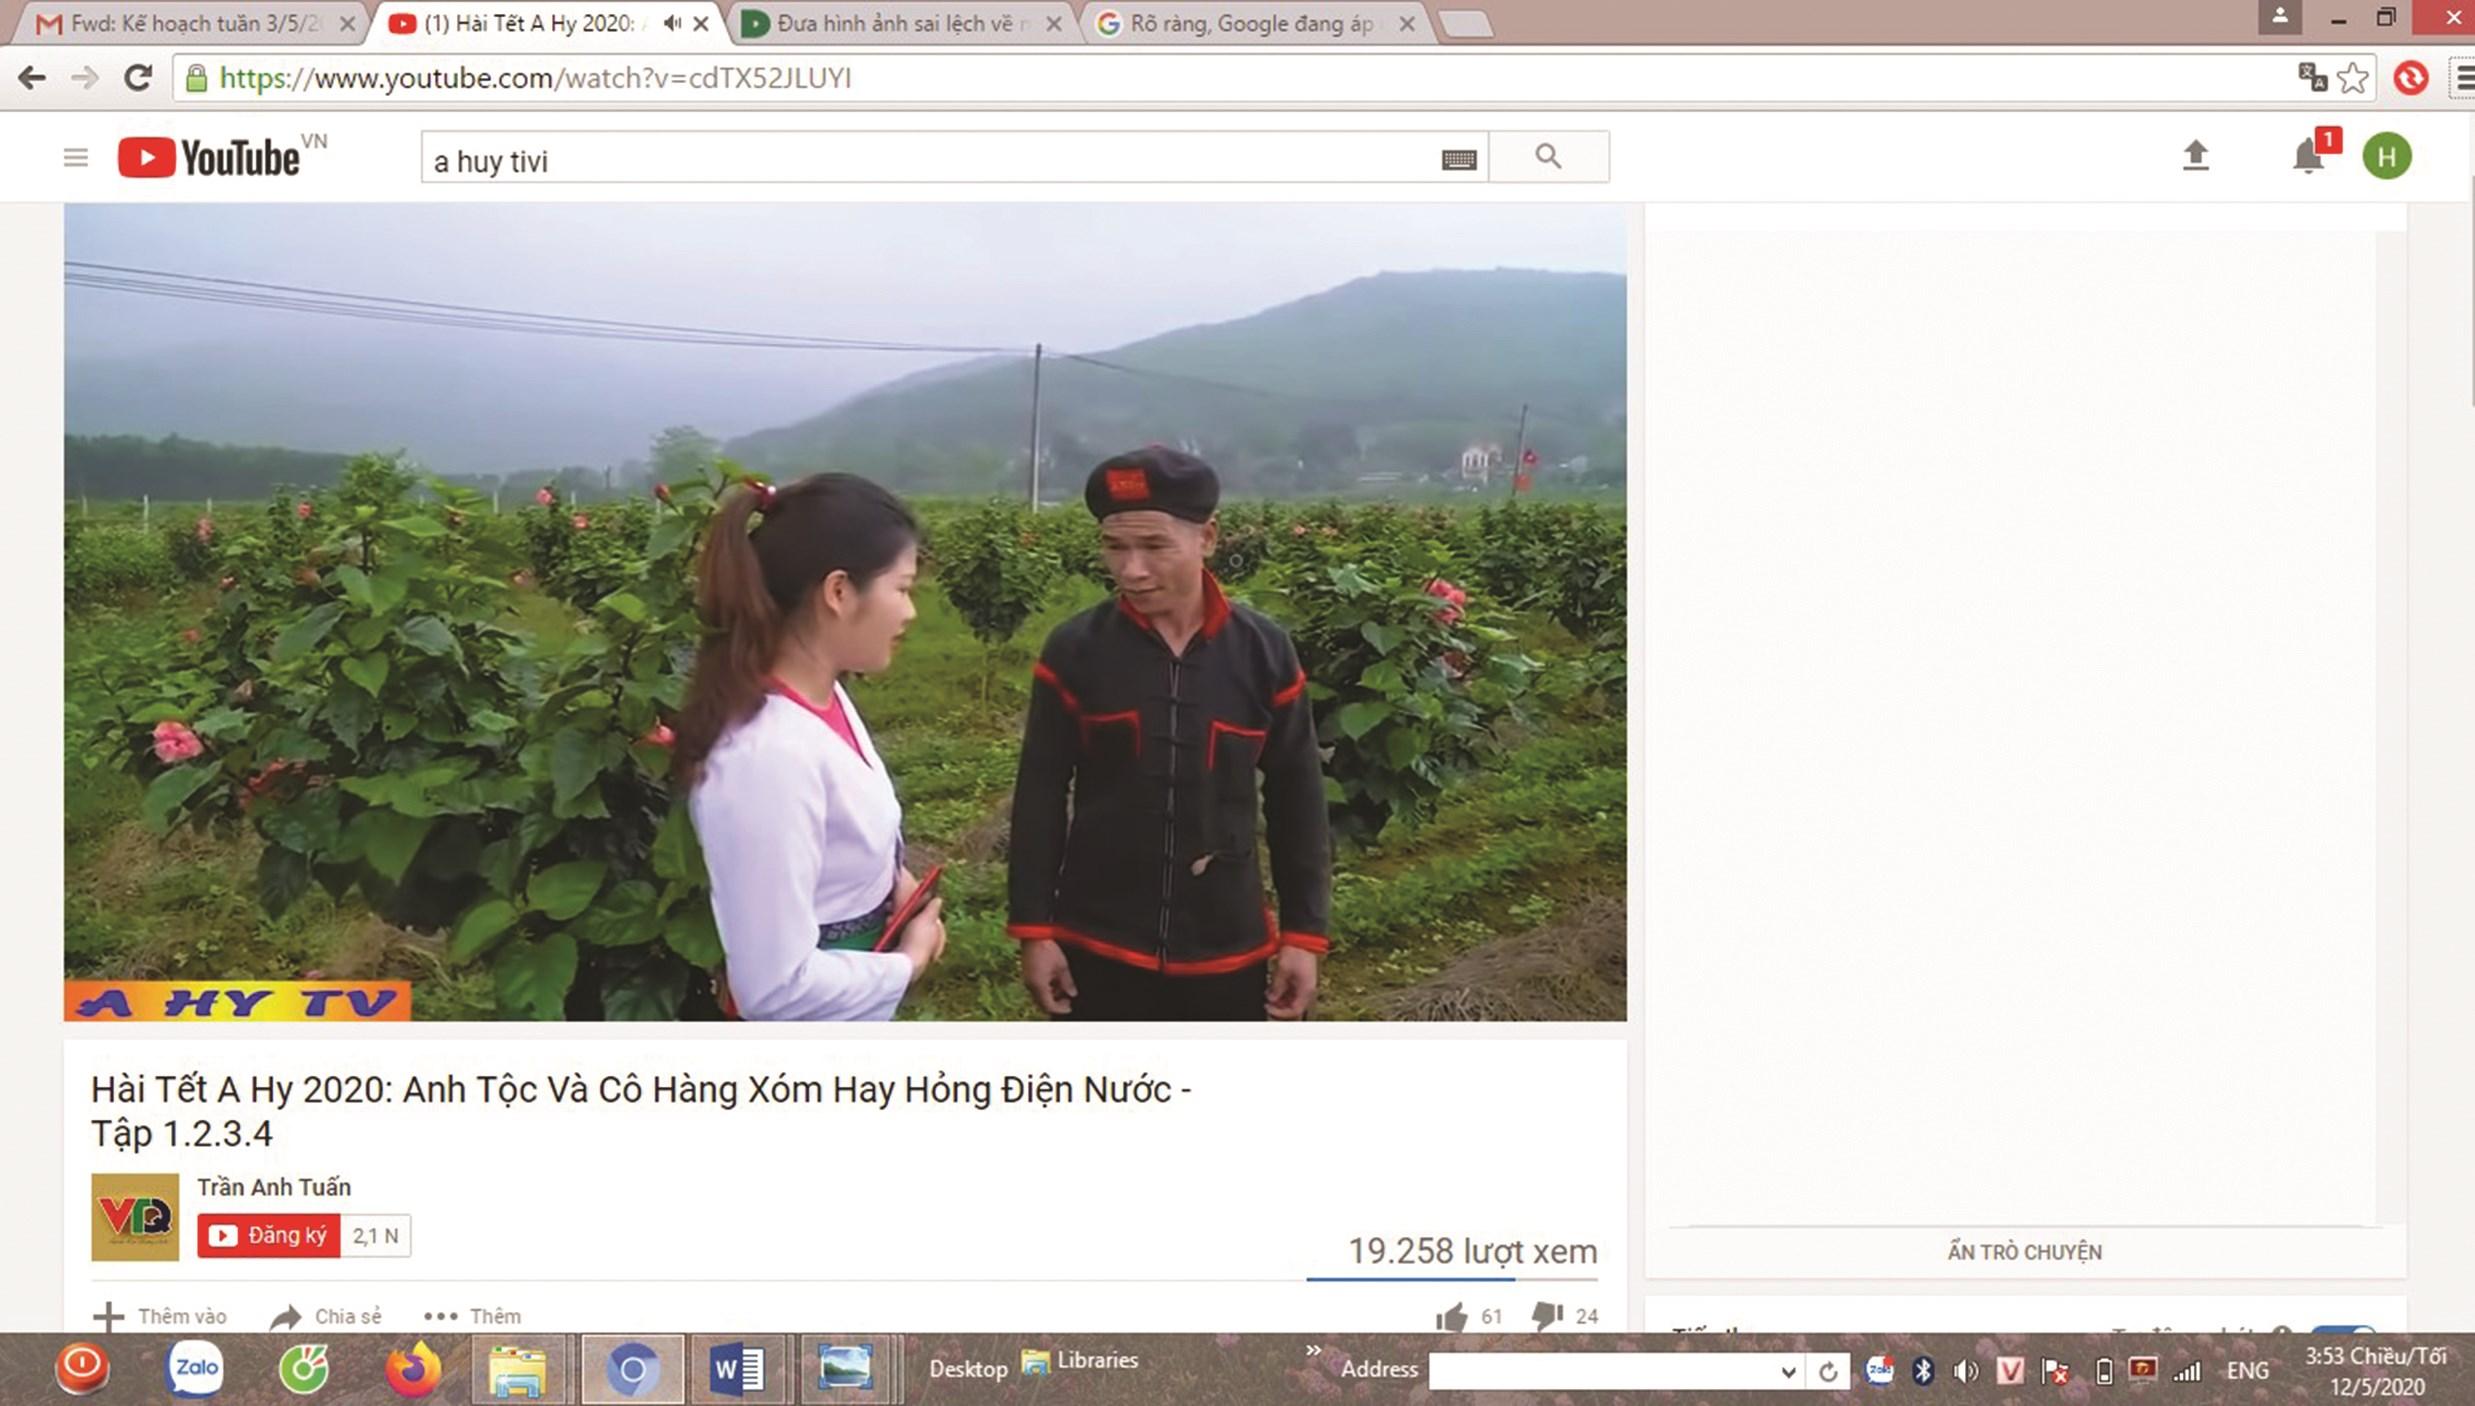 Các Video phản cảm của kênh A Hy TV bị gỡ bỏ đã được đăng tải lại bằng tài khoản khác.